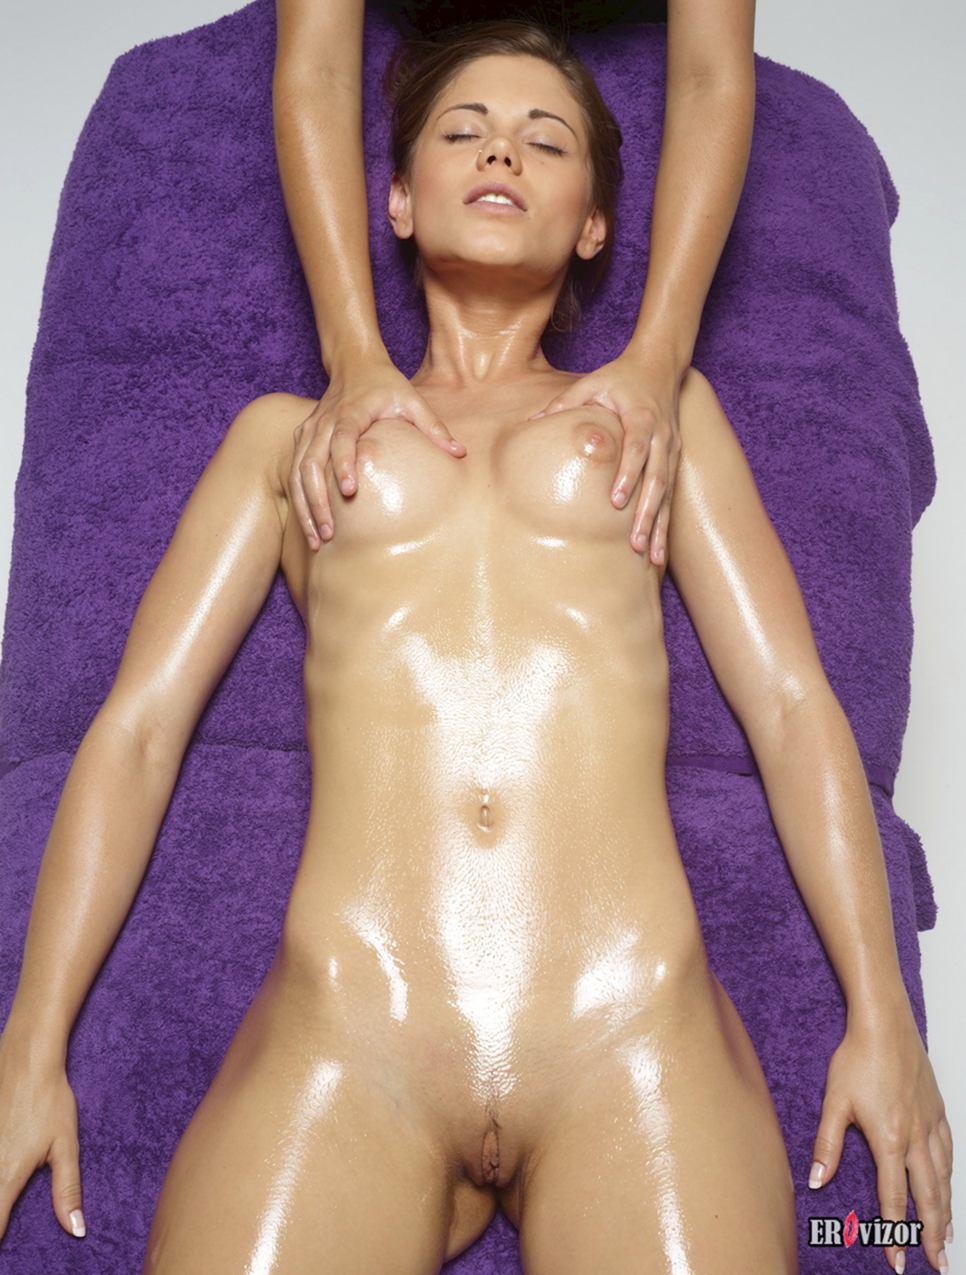 massage naked girl pussy (13)